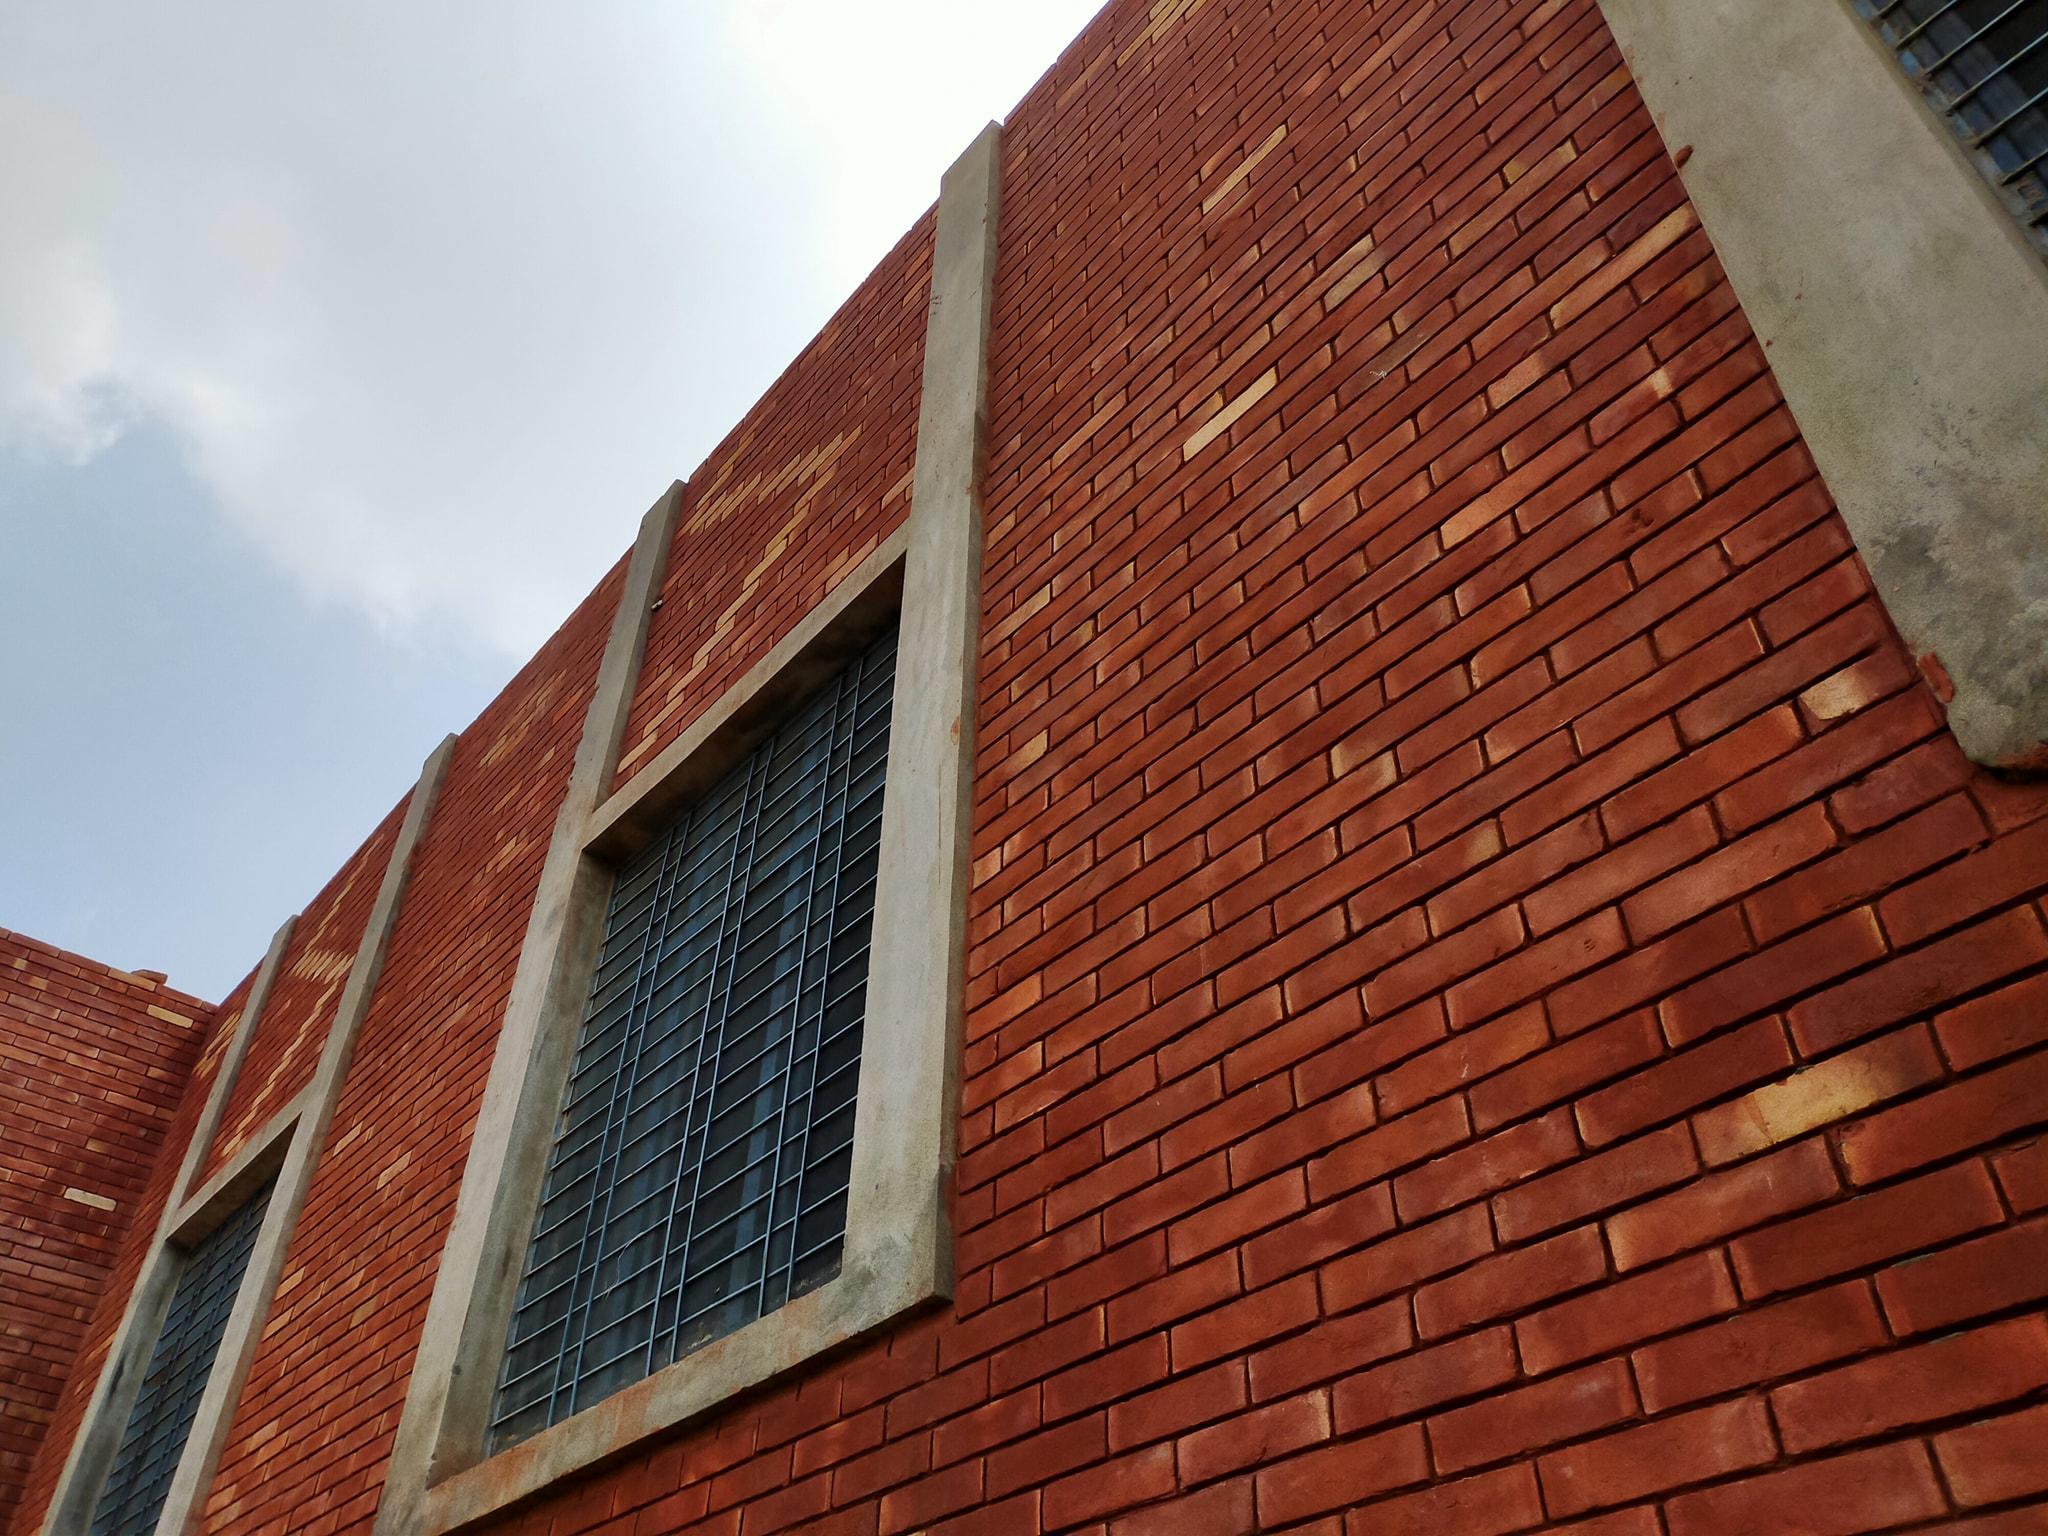 6 Lahori gutka bricks wall tiles peshawar